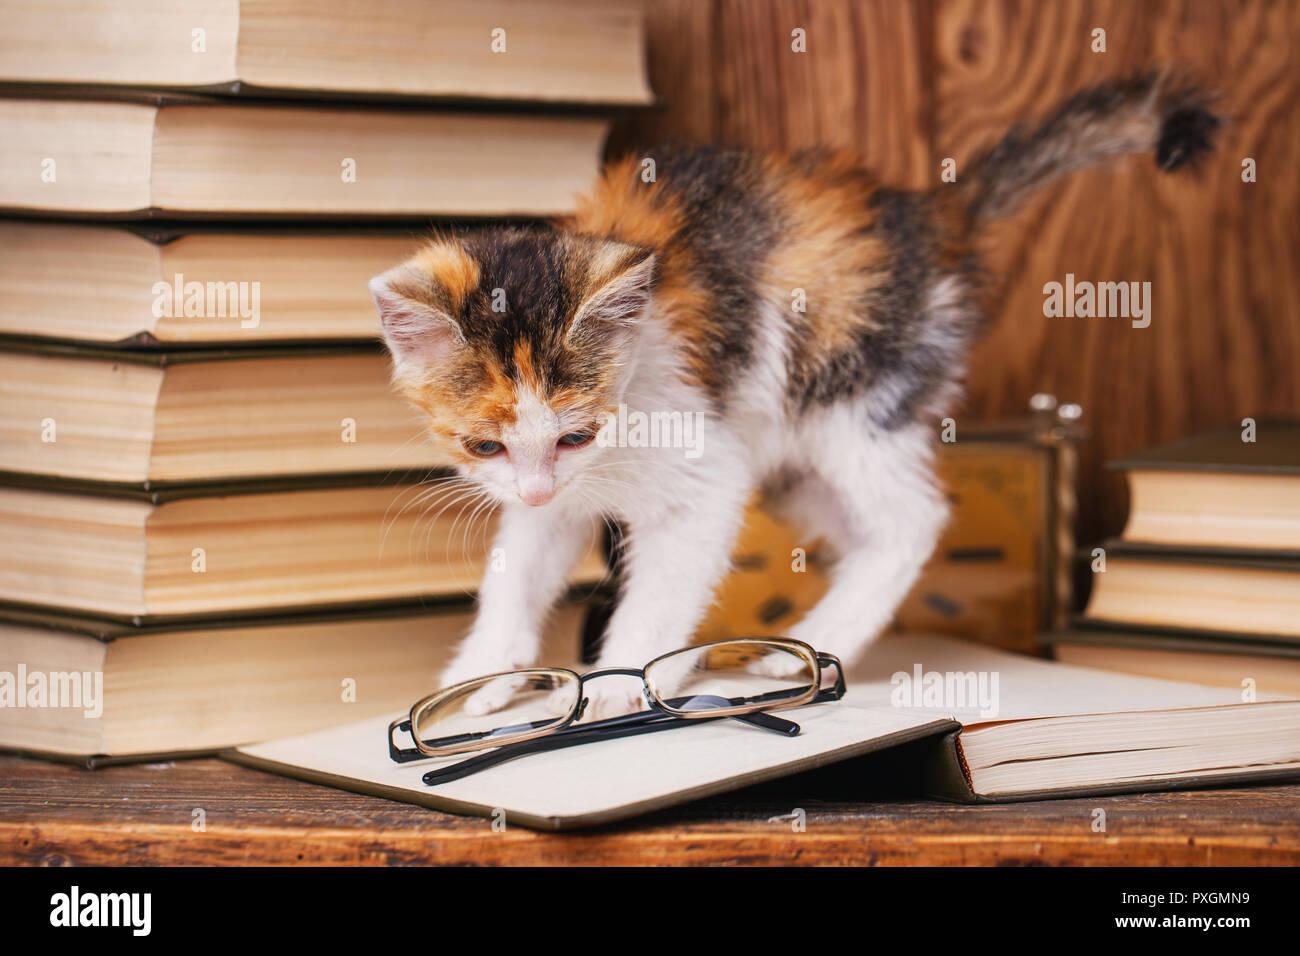 Il gatto è giocato con gli oculari giacente sul libro Immagini Stock